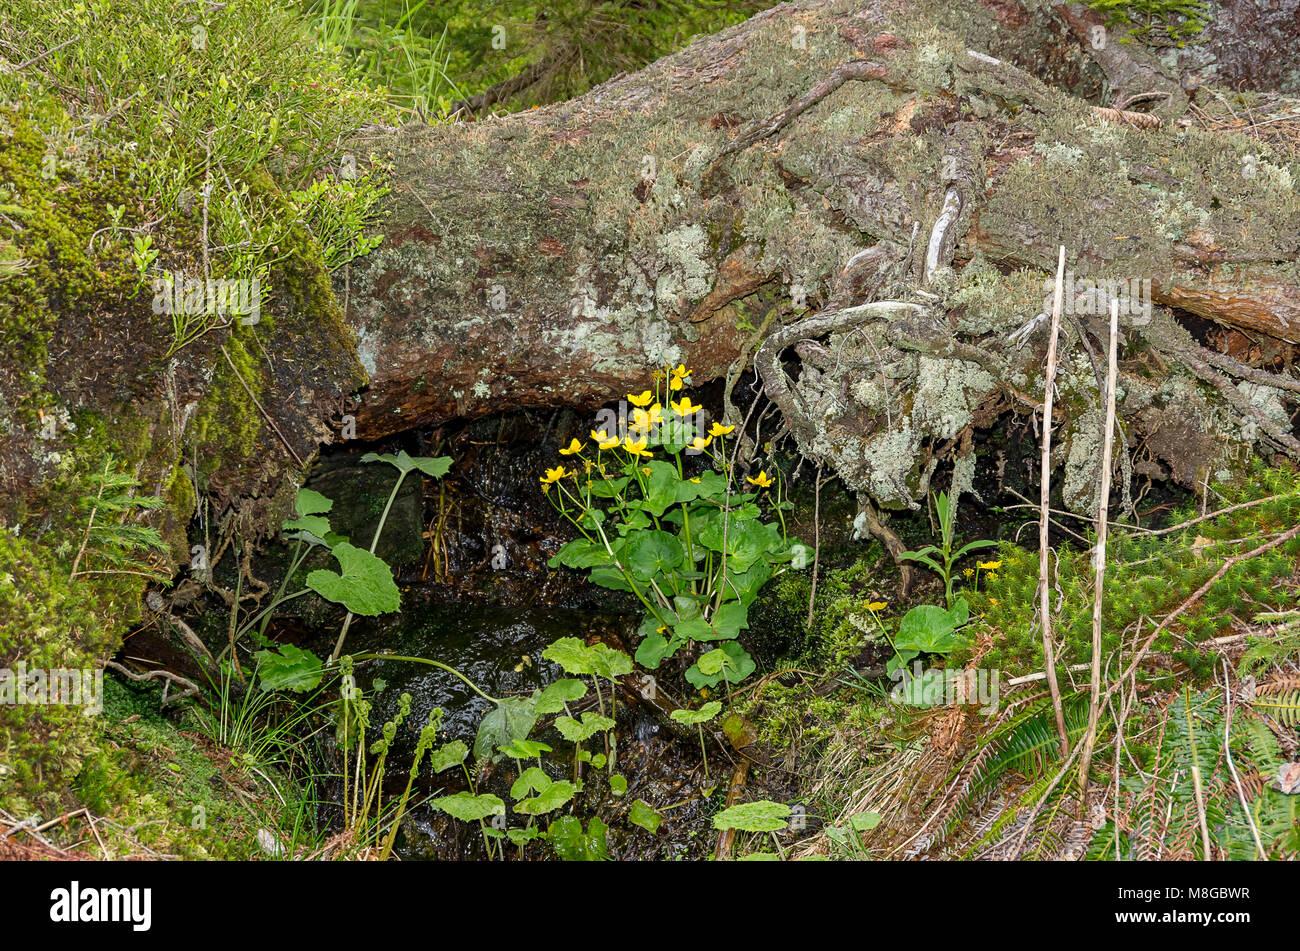 Marsh ringelblumen an einem kleinen Wasserlauf im Bereich der Großer Arber, Bayerischer Wald, Bayern, Deutschland. Stockbild